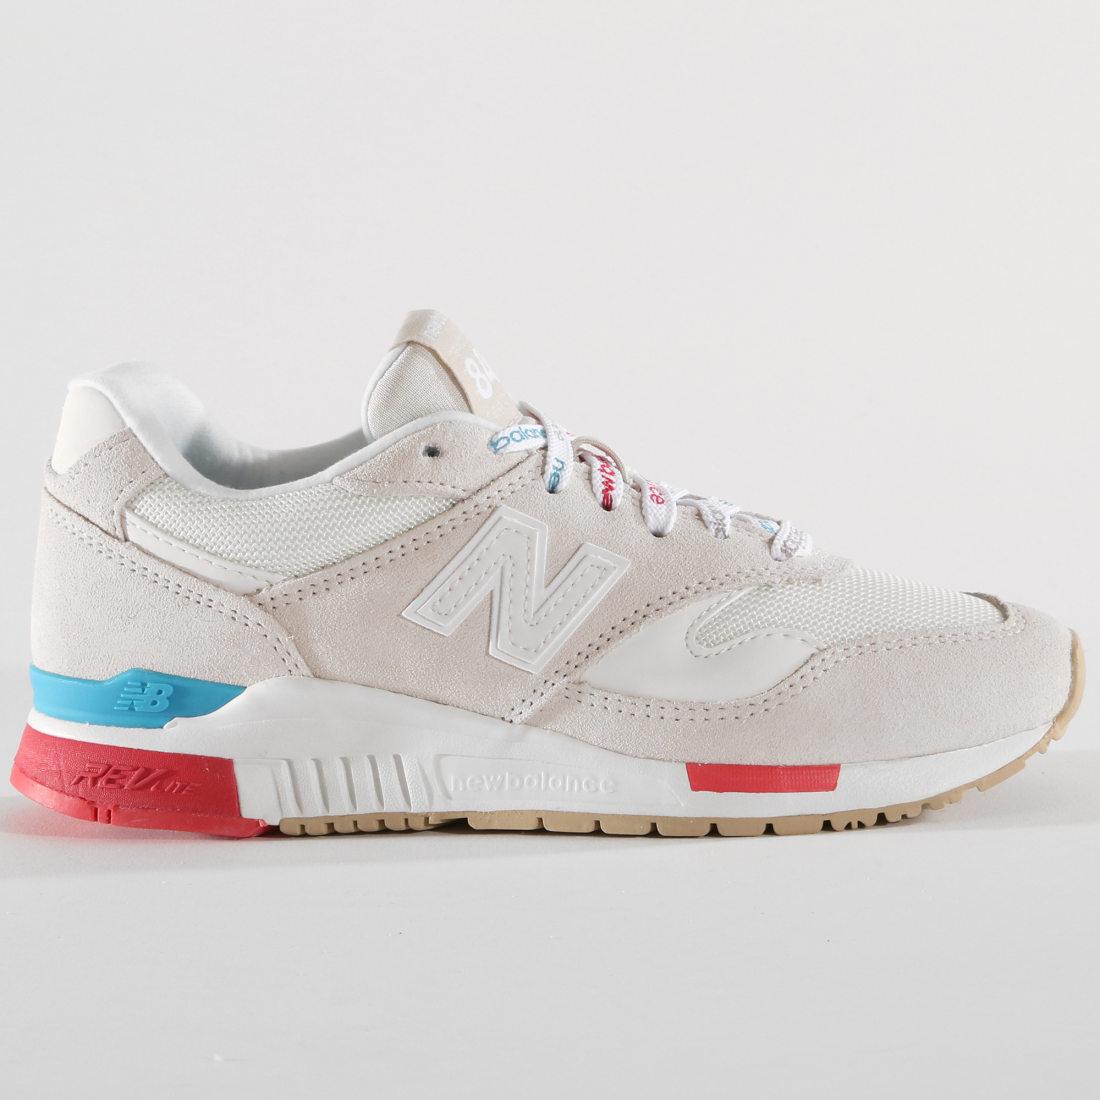 new balance 840 paris Shop Clothing & Shoes Online